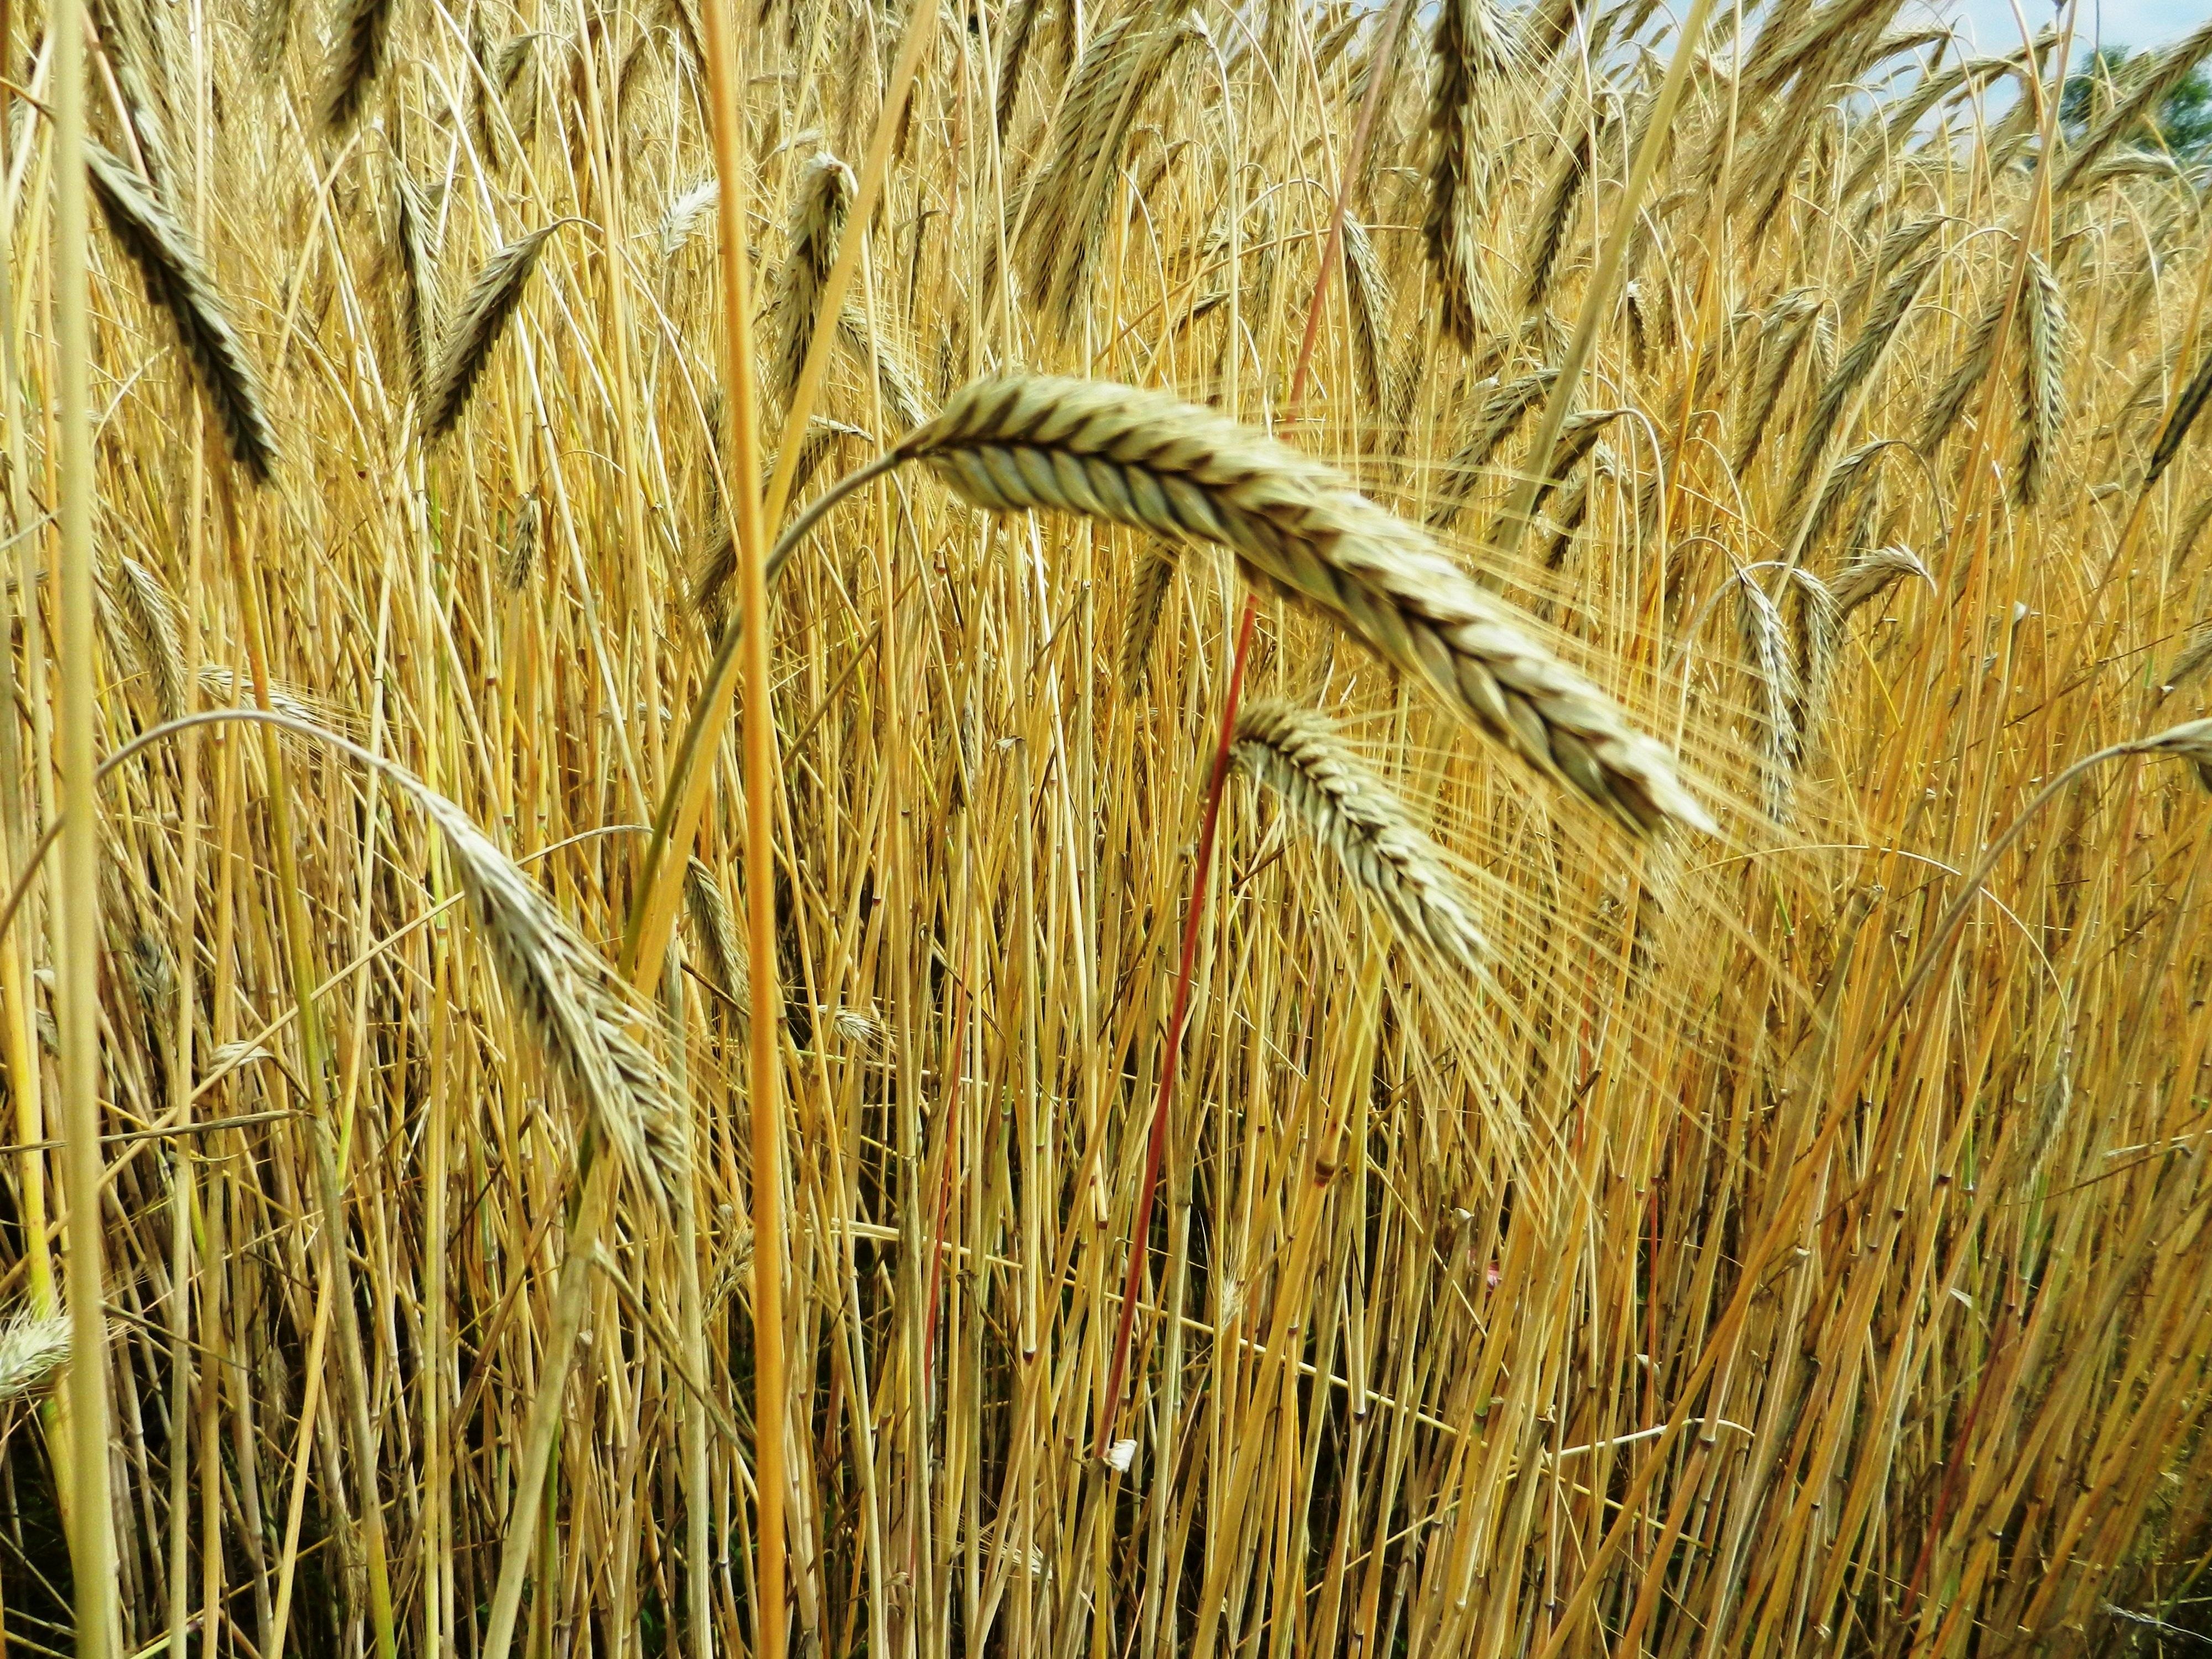 Fotos Gratis C 233 Sped Heno Campo Cebada Trigo Grano